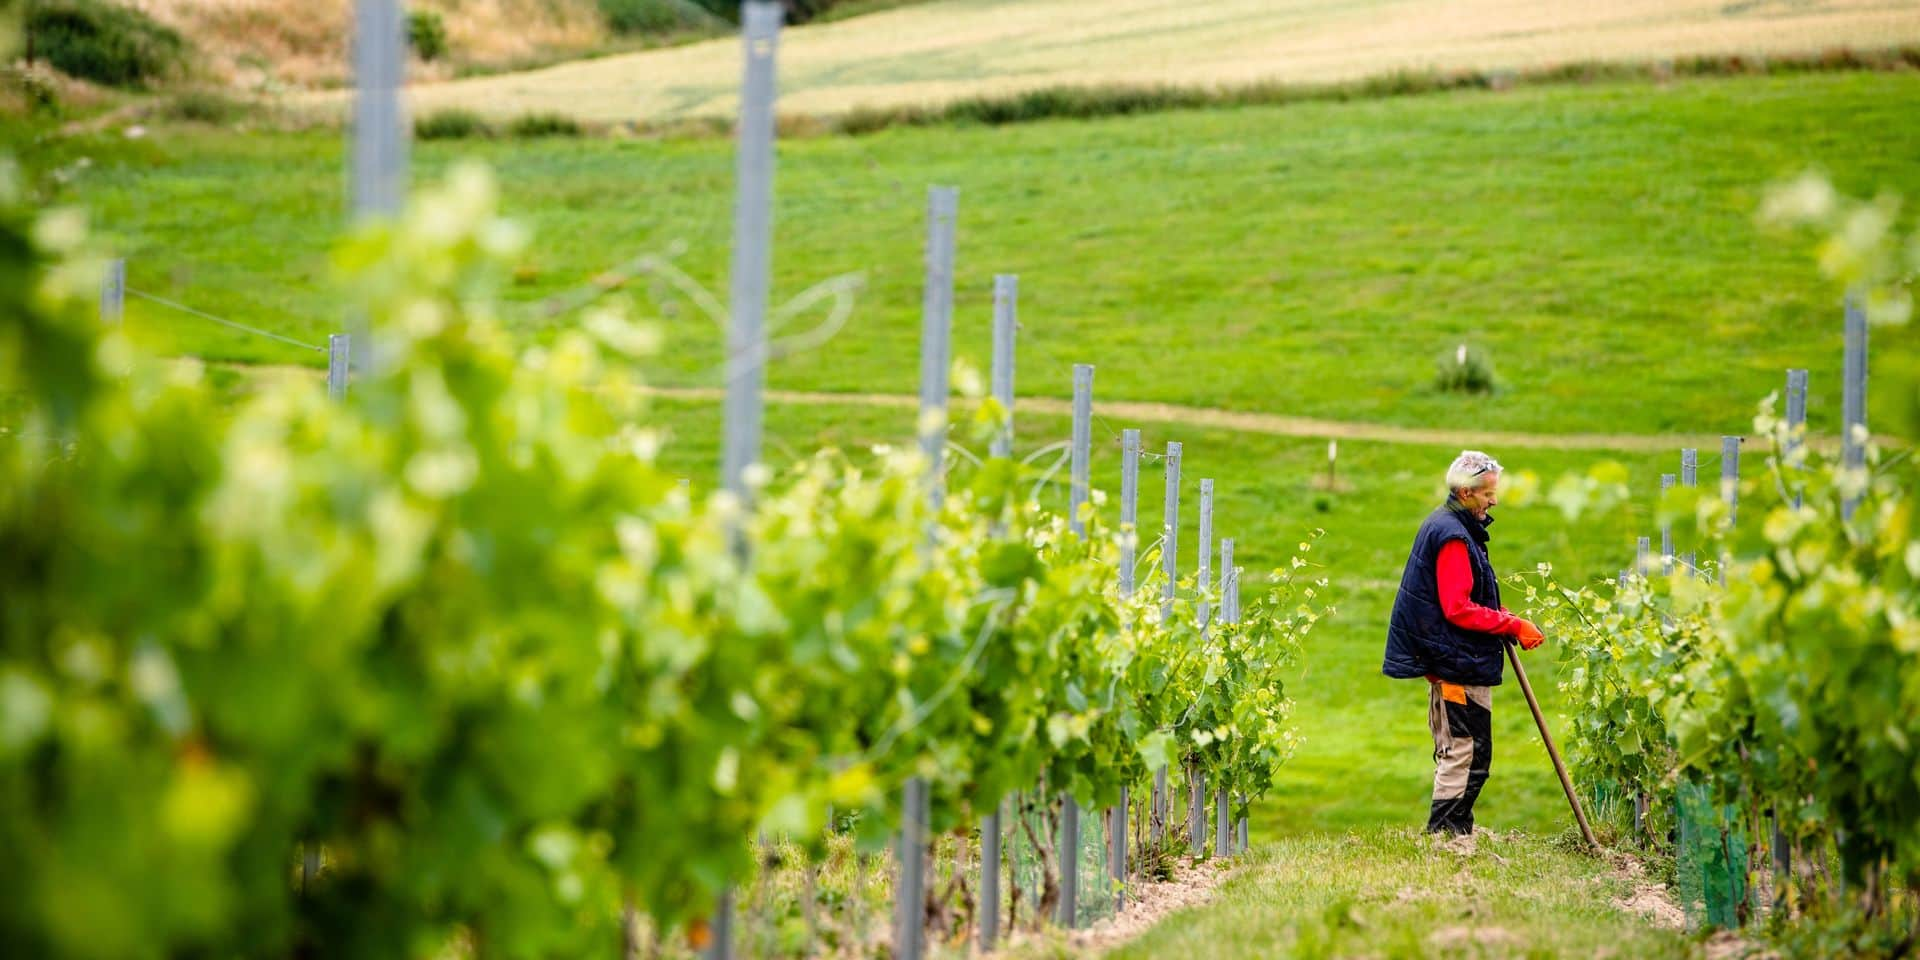 Ame des vins wallons - Namur: ASBL VignAndenne - Michel d'Harveng - vignoble - vigneron - raisin - vin wallon